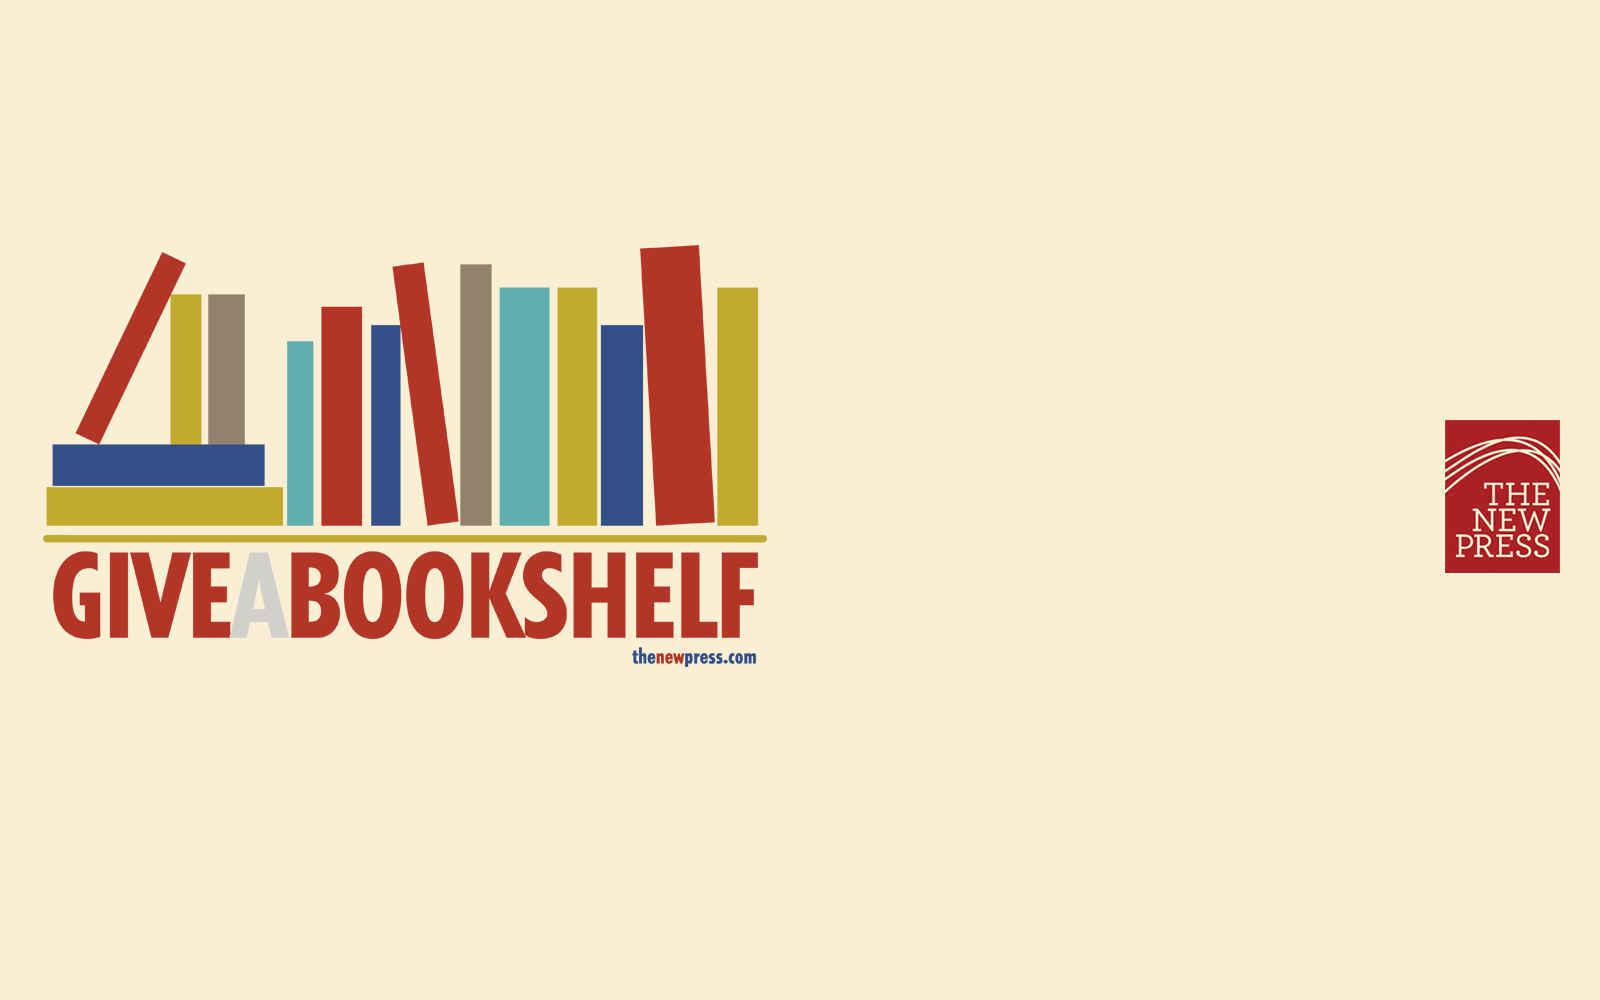 Give A Bookshelf image